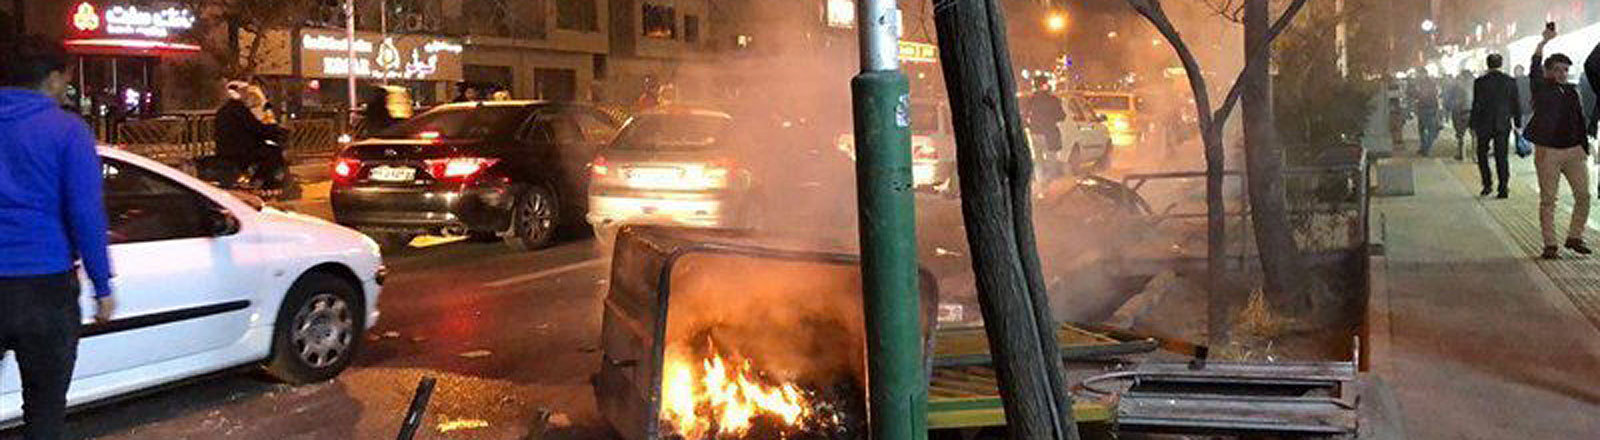 Proteste und Barrikaden auf den Straßen von Teheran, Iran (30.12.2017)